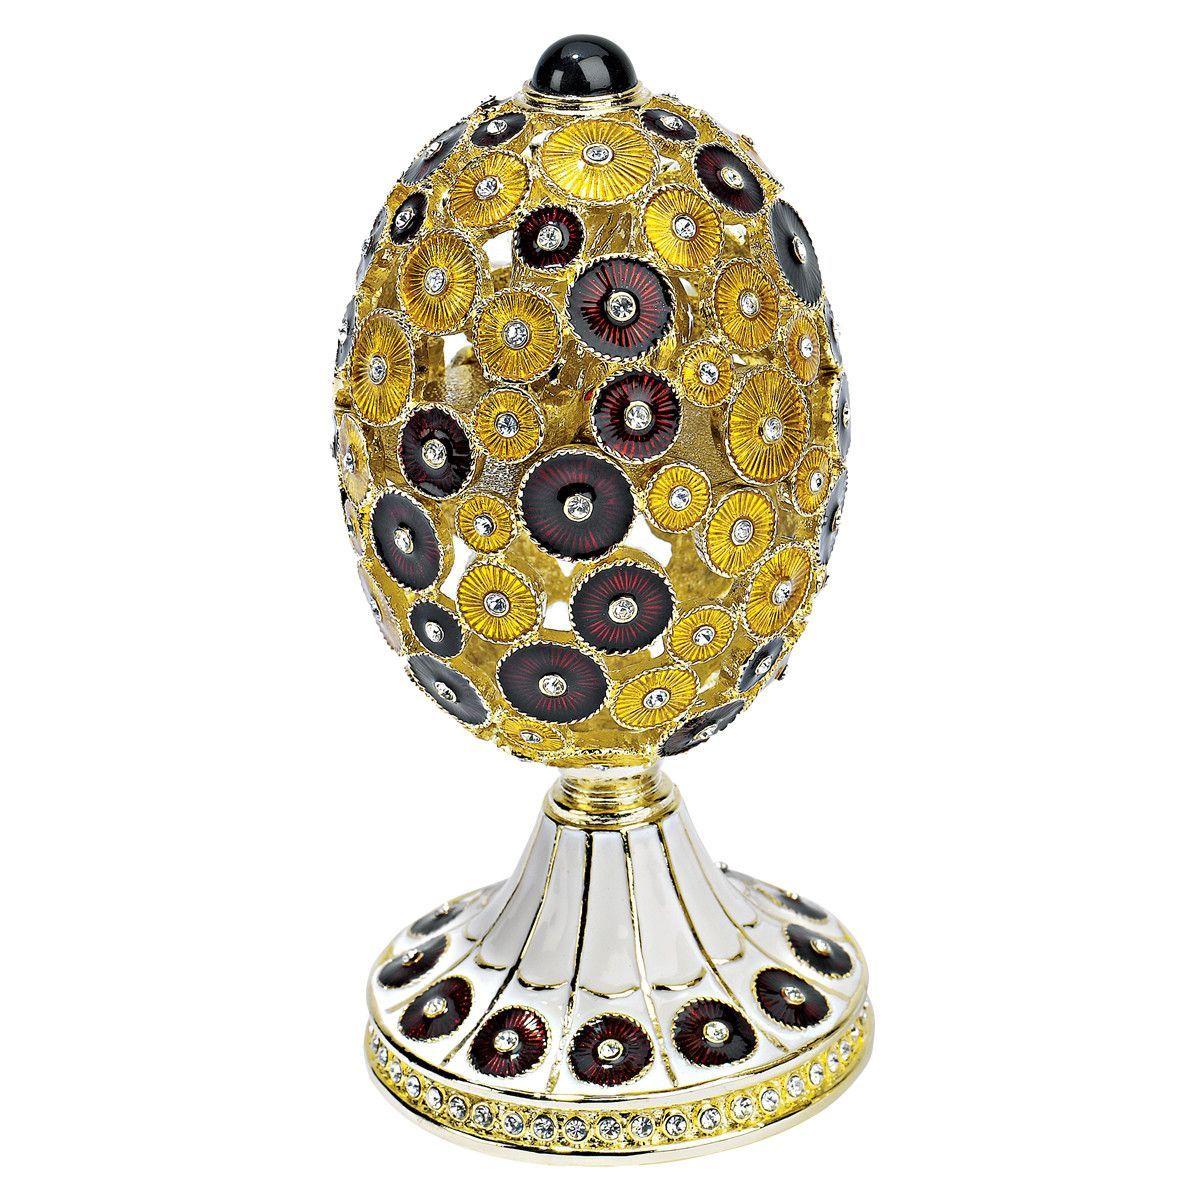 The Lepridae Faberge - Style Enameled Egg